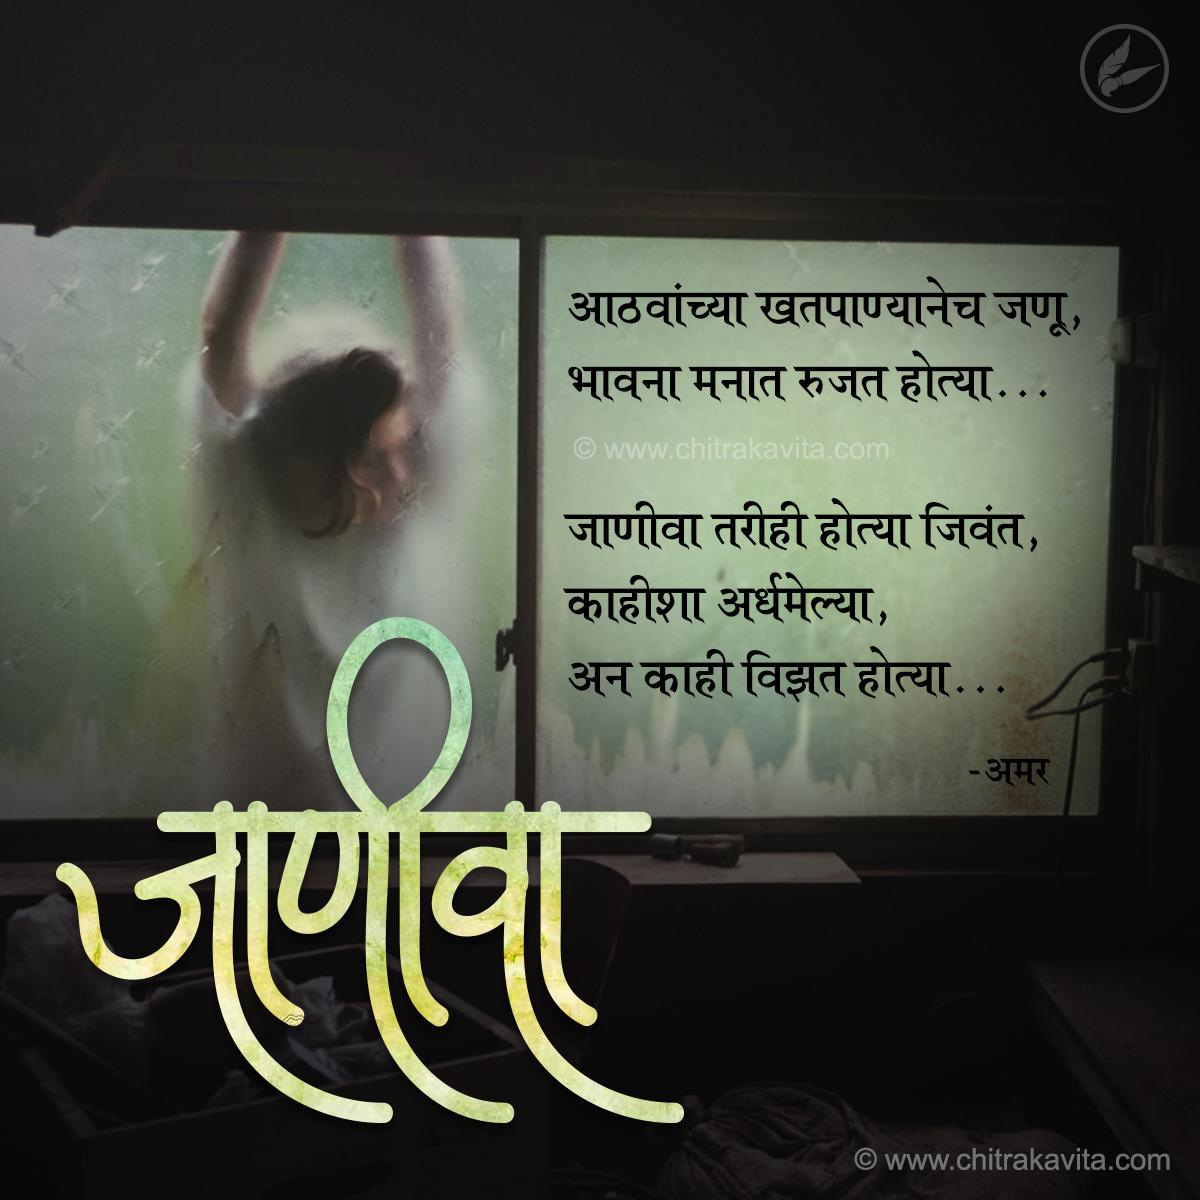 Marathi Love Greeting Janiva | Chitrakavita.com